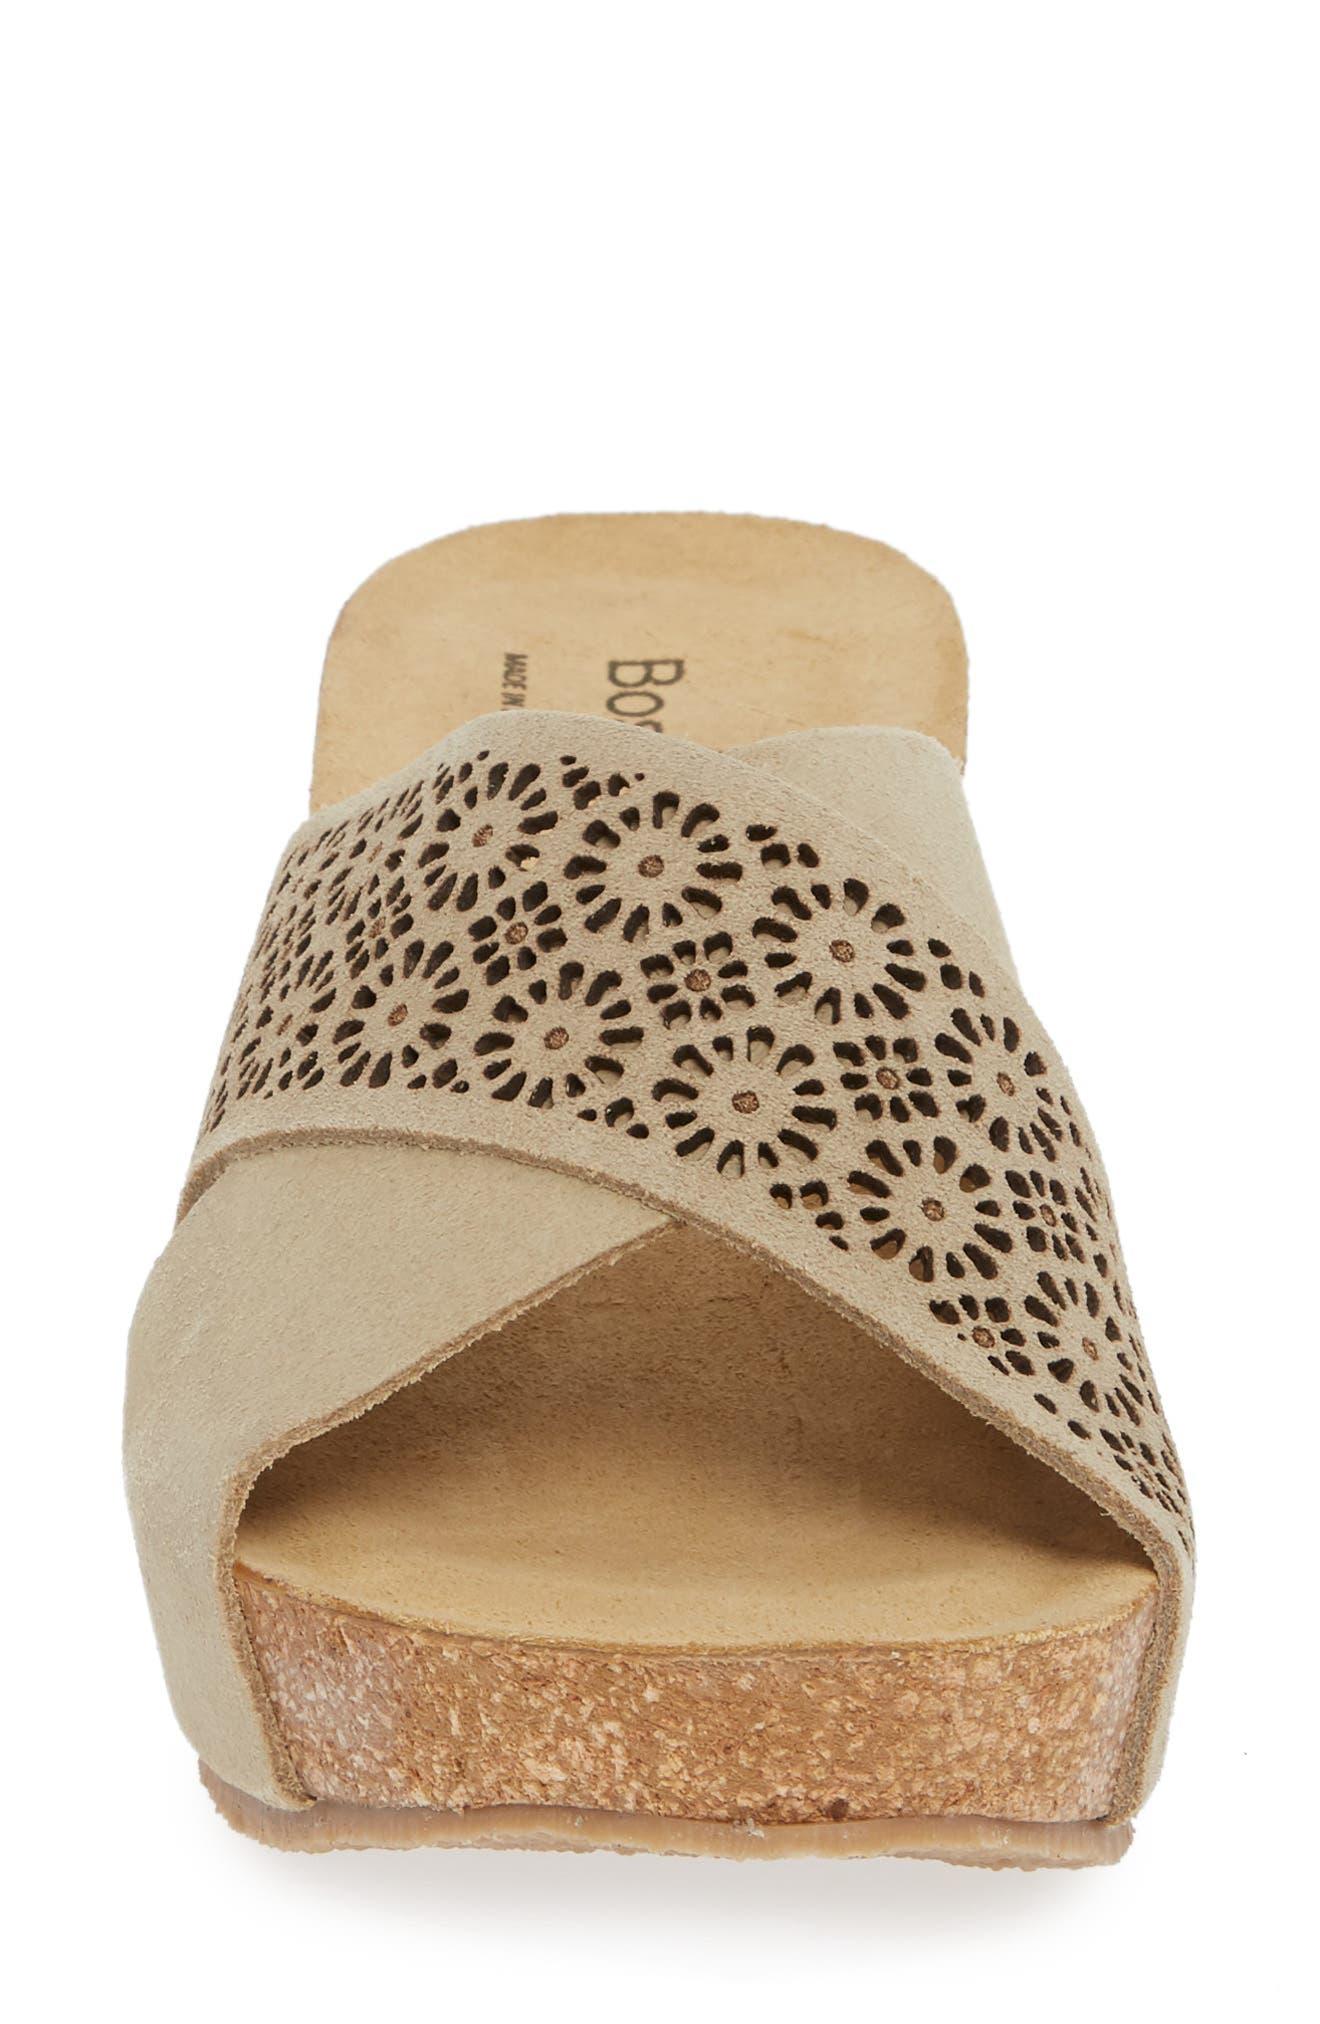 Lomi Platform Wedge Slide Sandal,                             Alternate thumbnail 4, color,                             BEIGE SUEDE